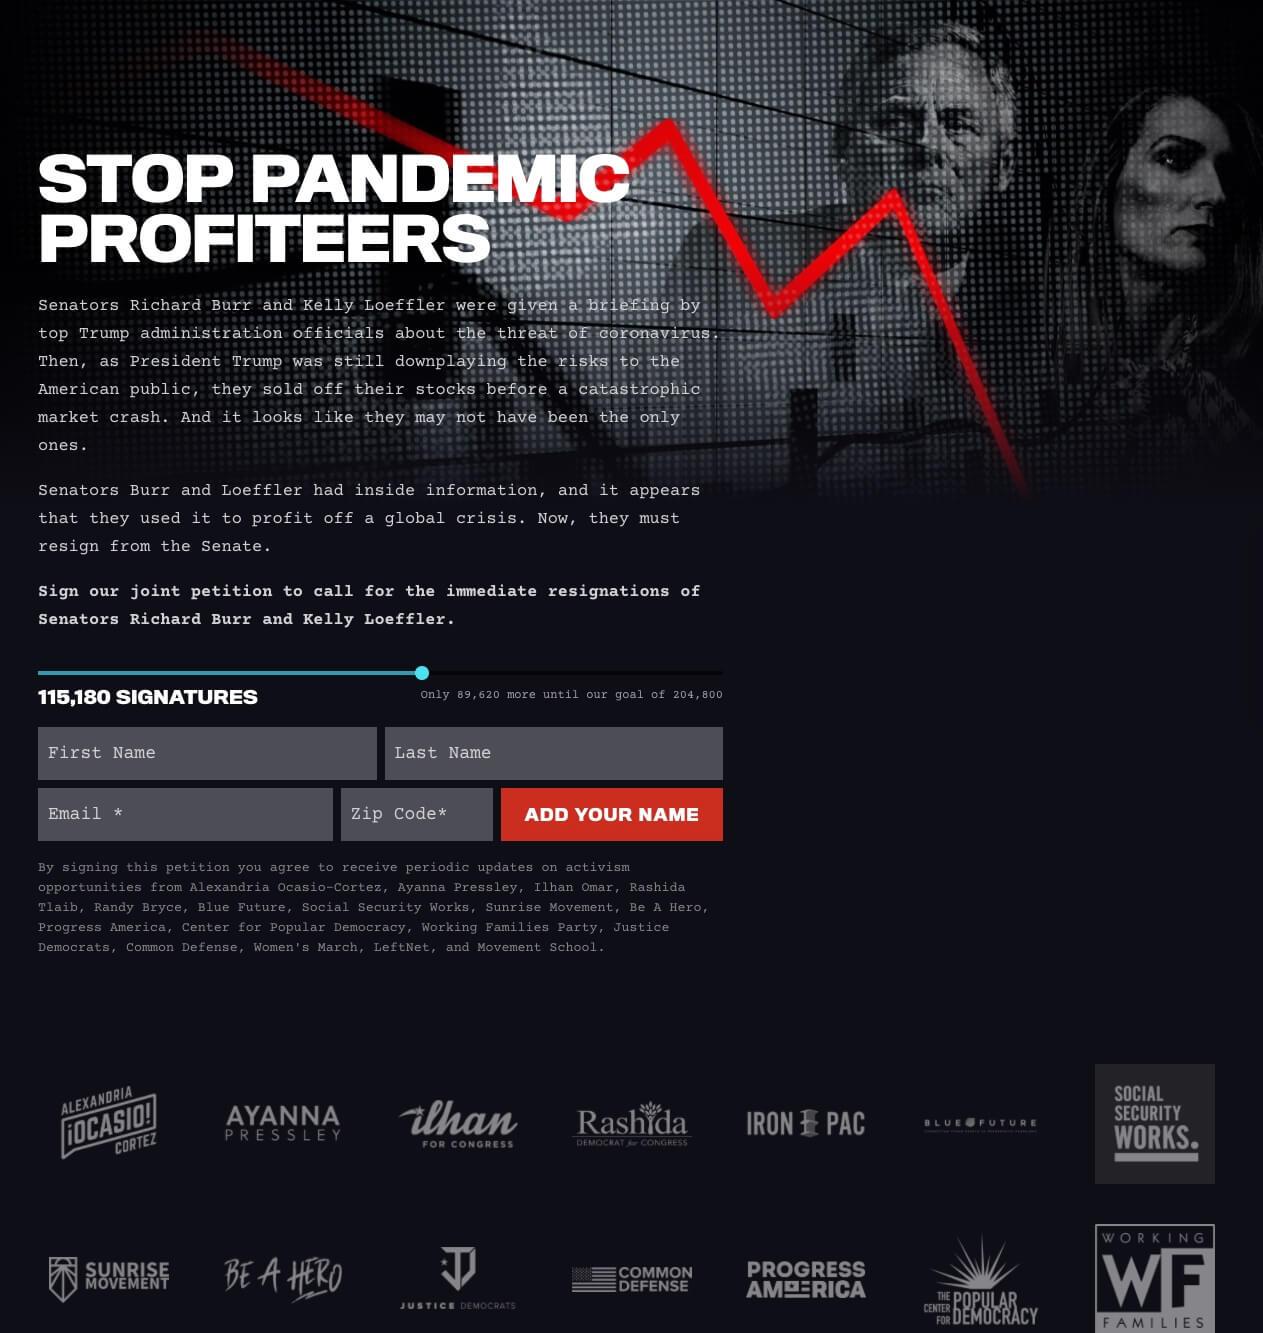 Screenshot: PandemicProfiteers.com